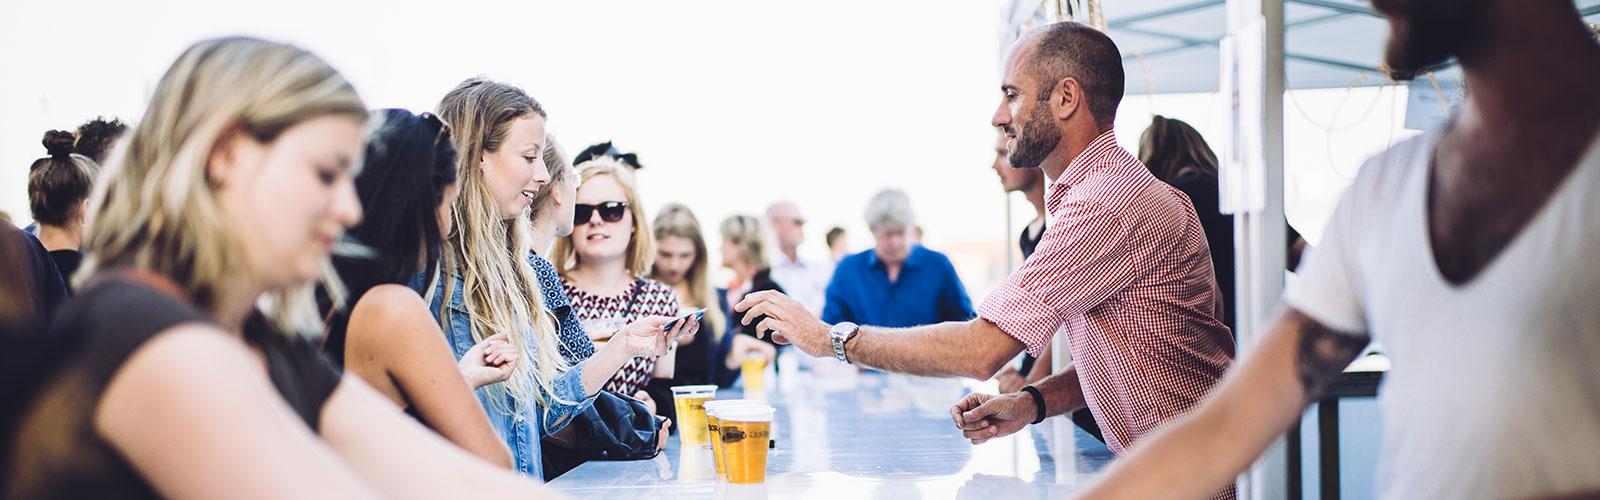 Mennesker i en bar sød bartender der servere øl